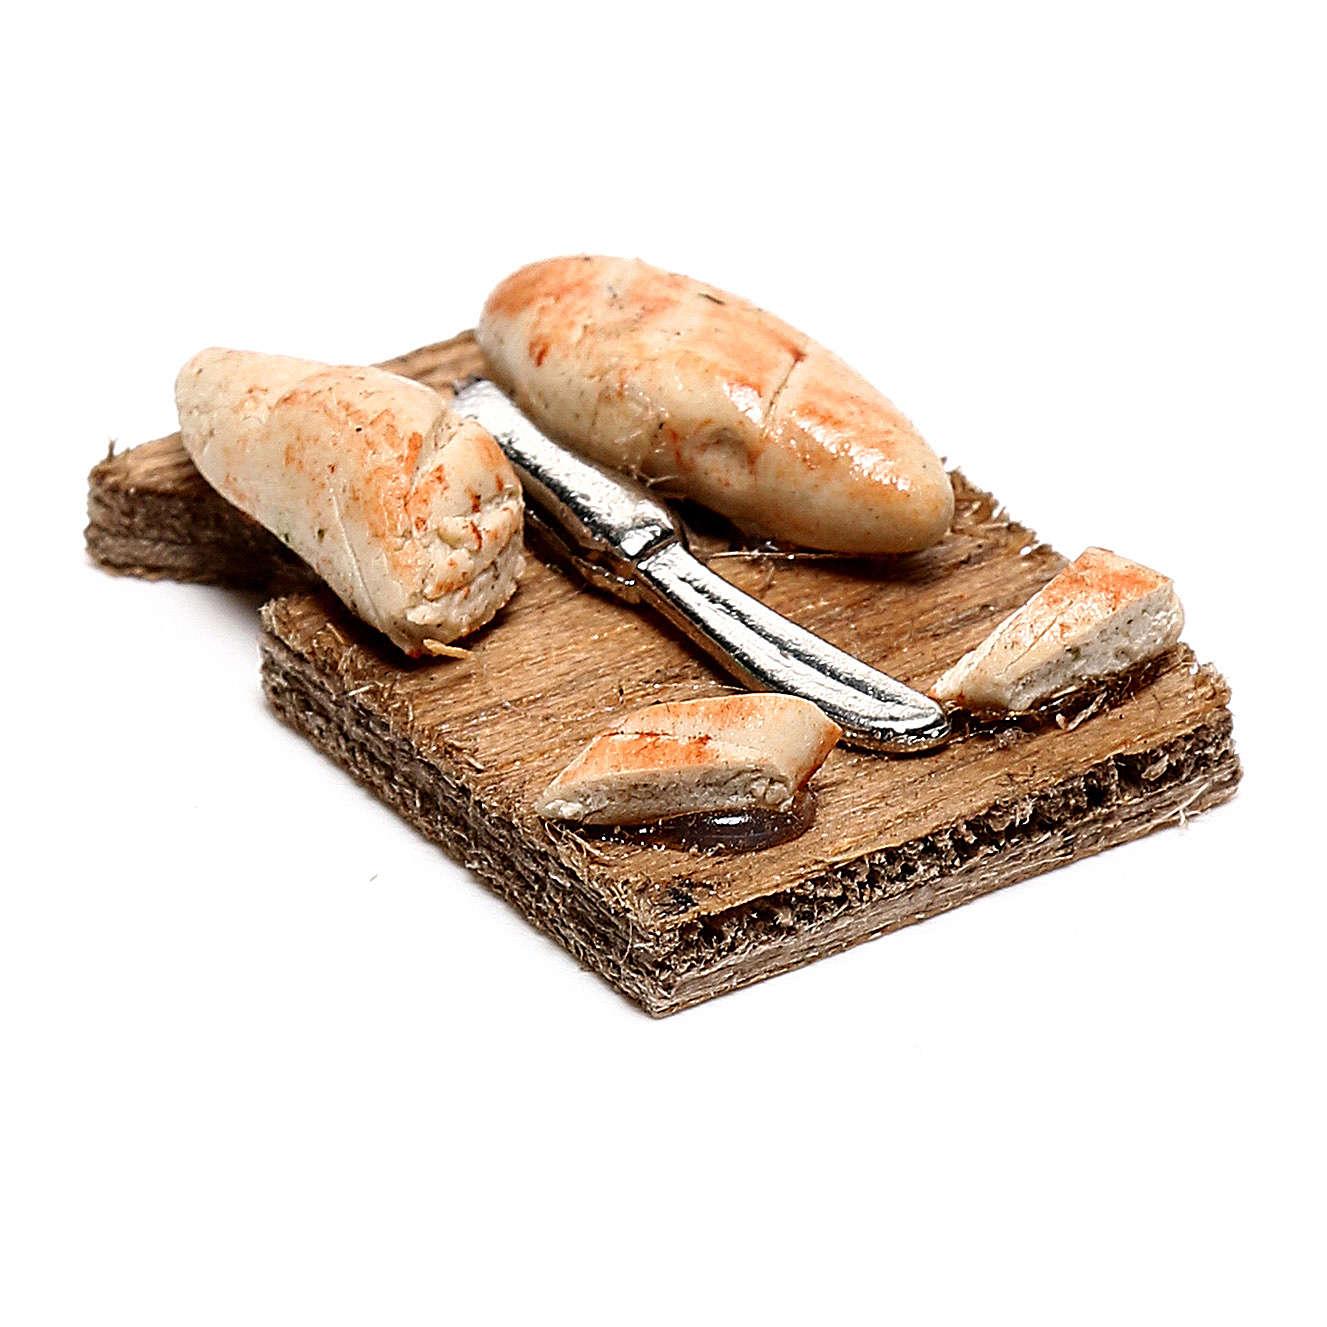 Planche avec pain en tranches pour crèche napolitaine 12 cm 4